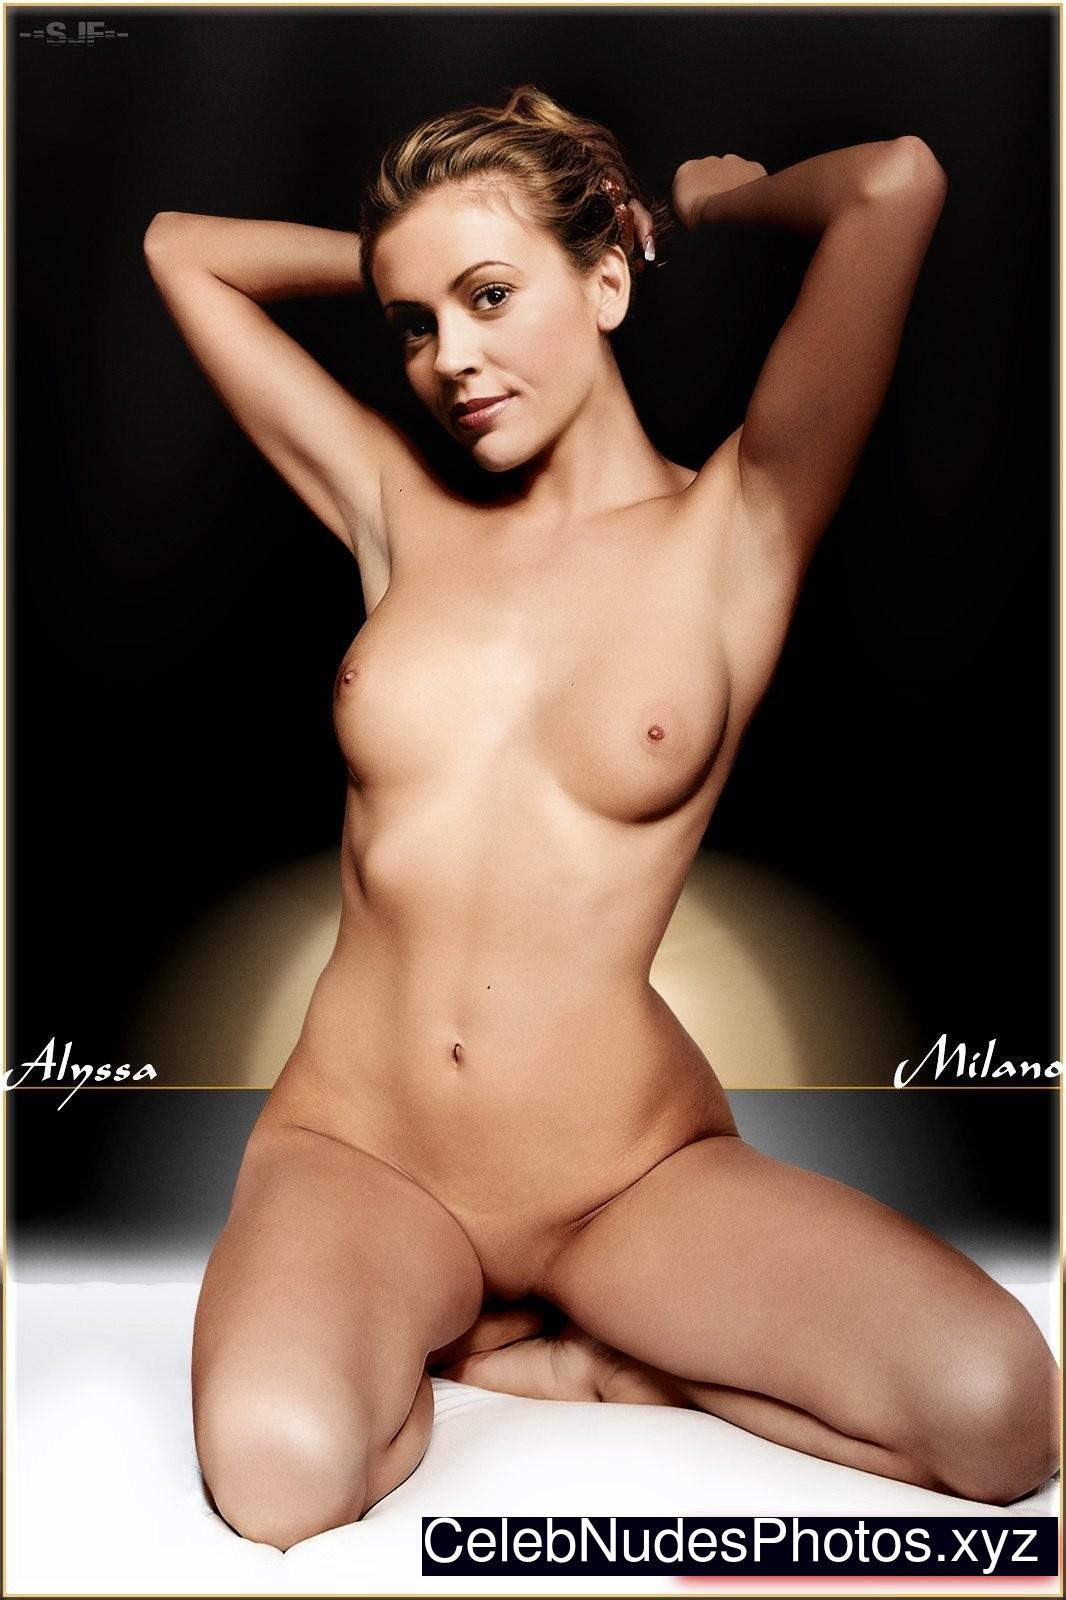 nude photos of alyssa milano